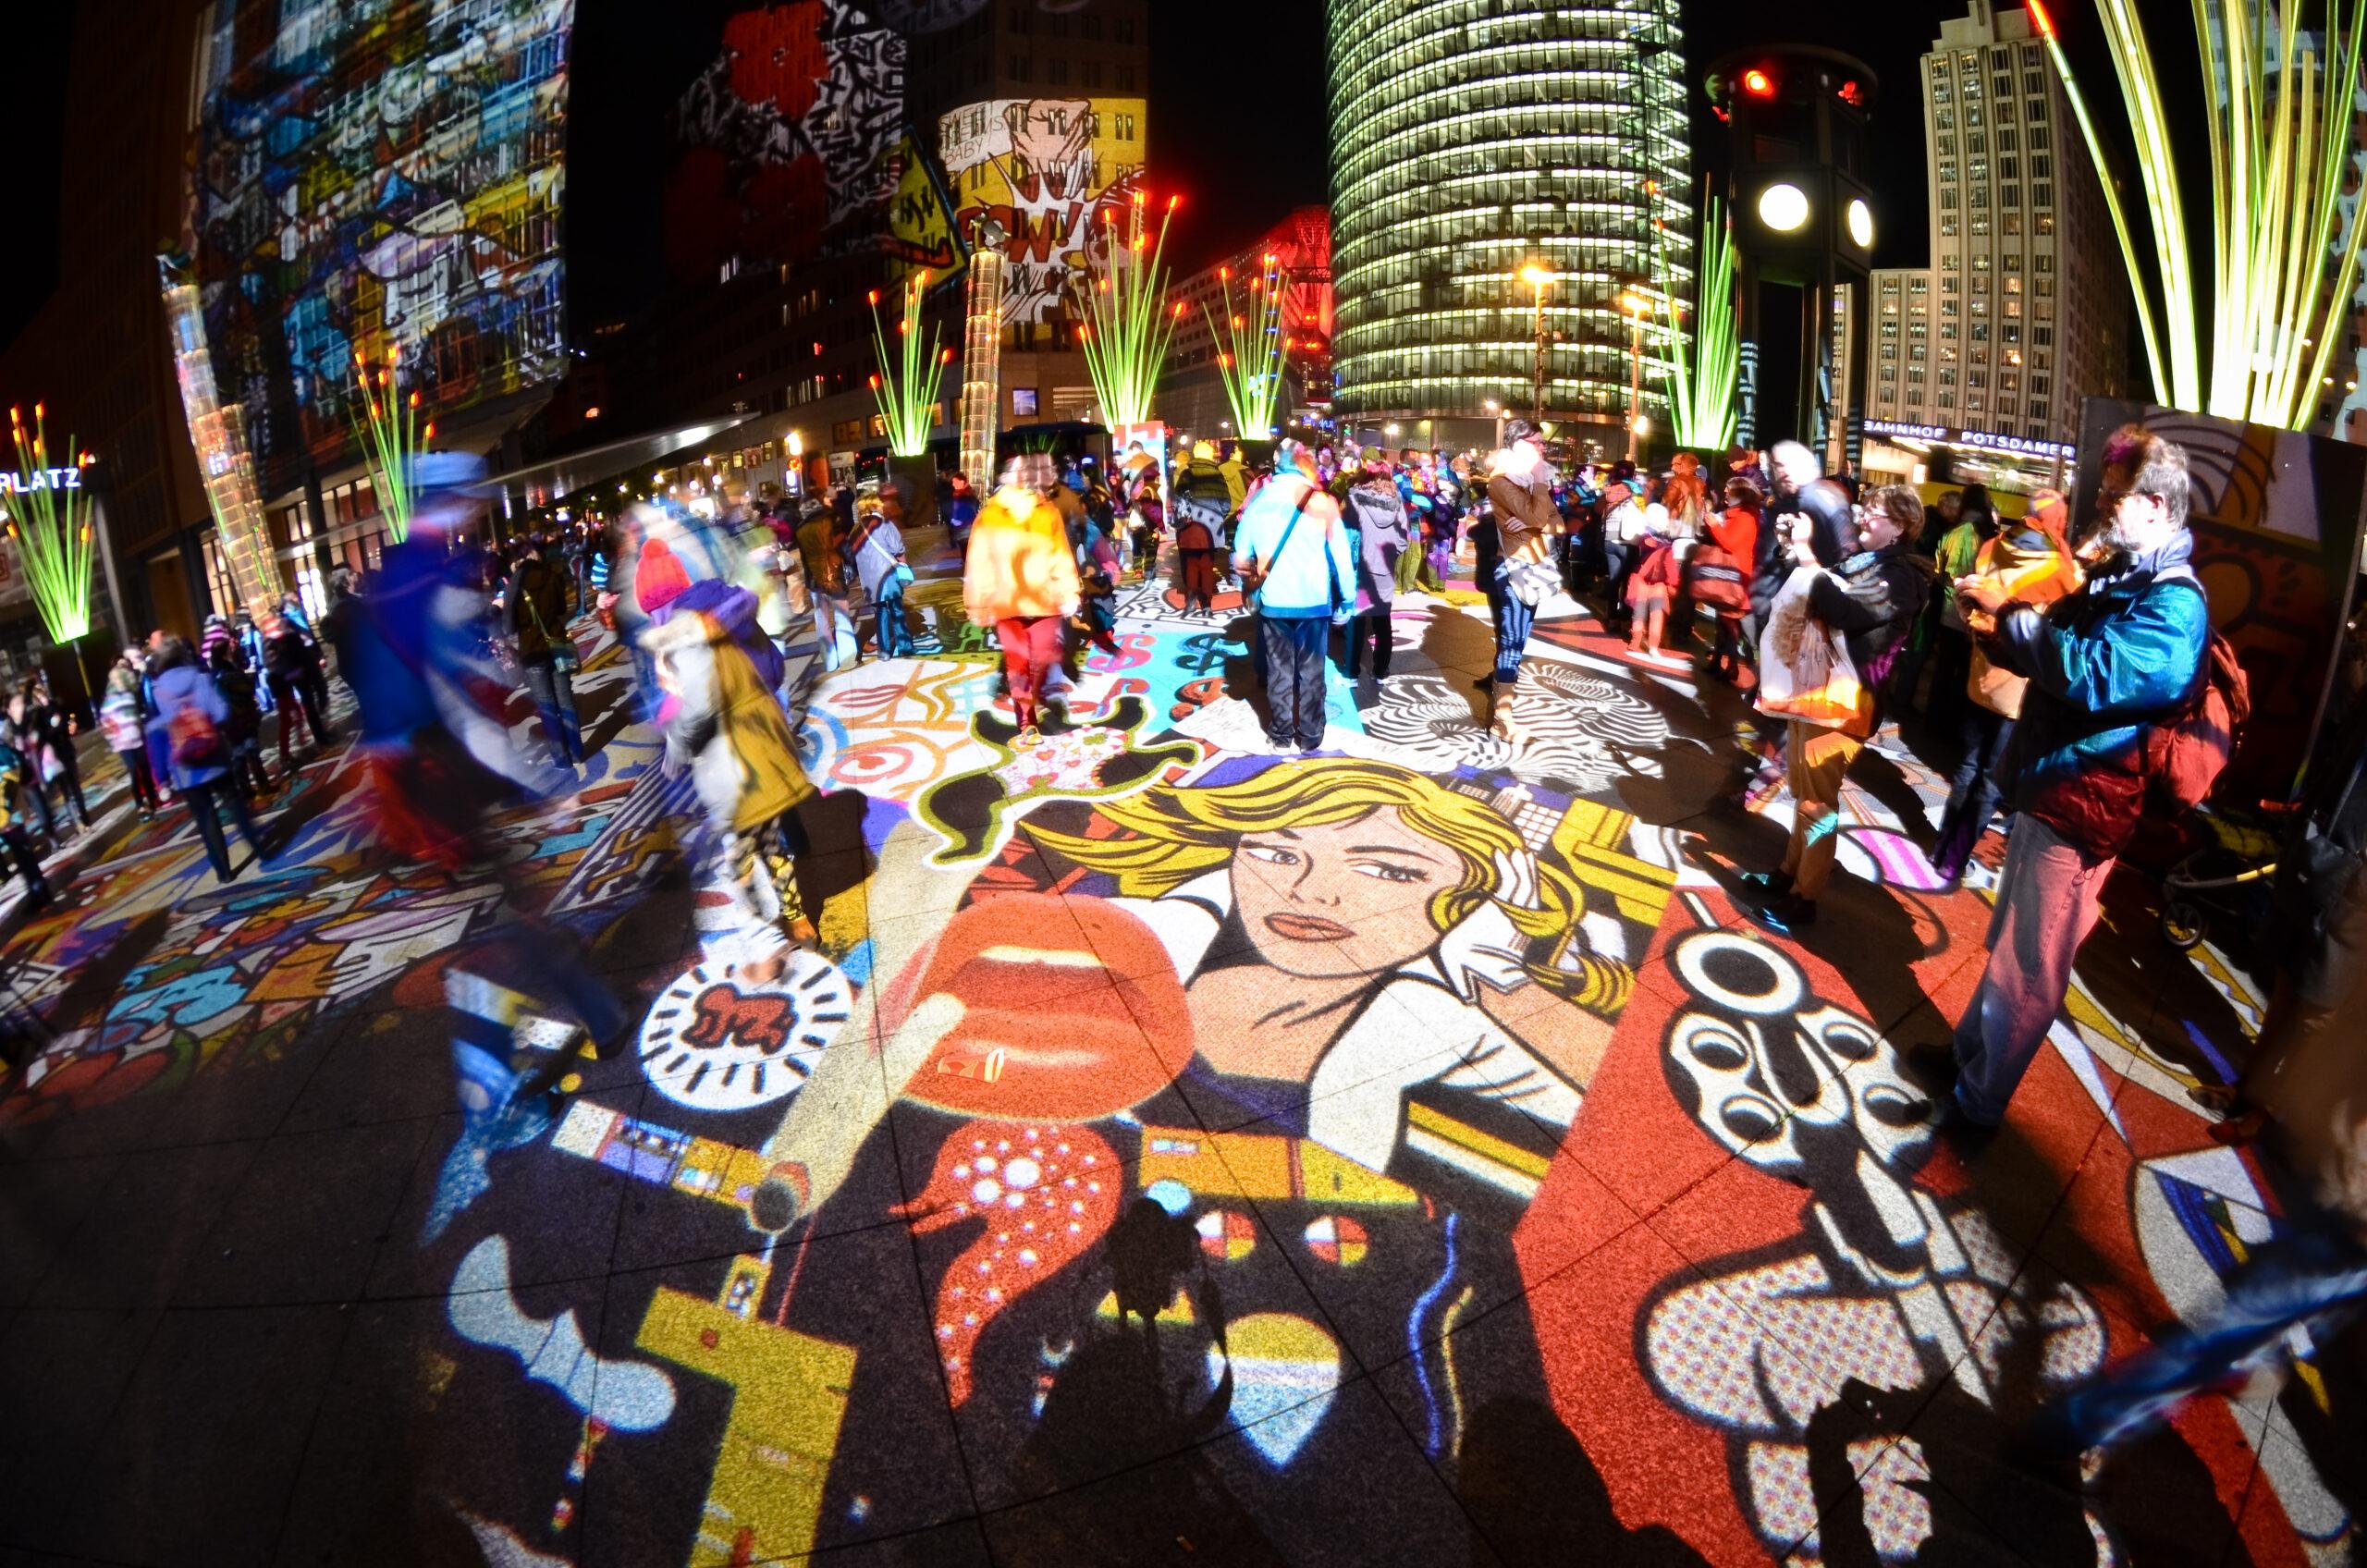 Festival of Lights 2013